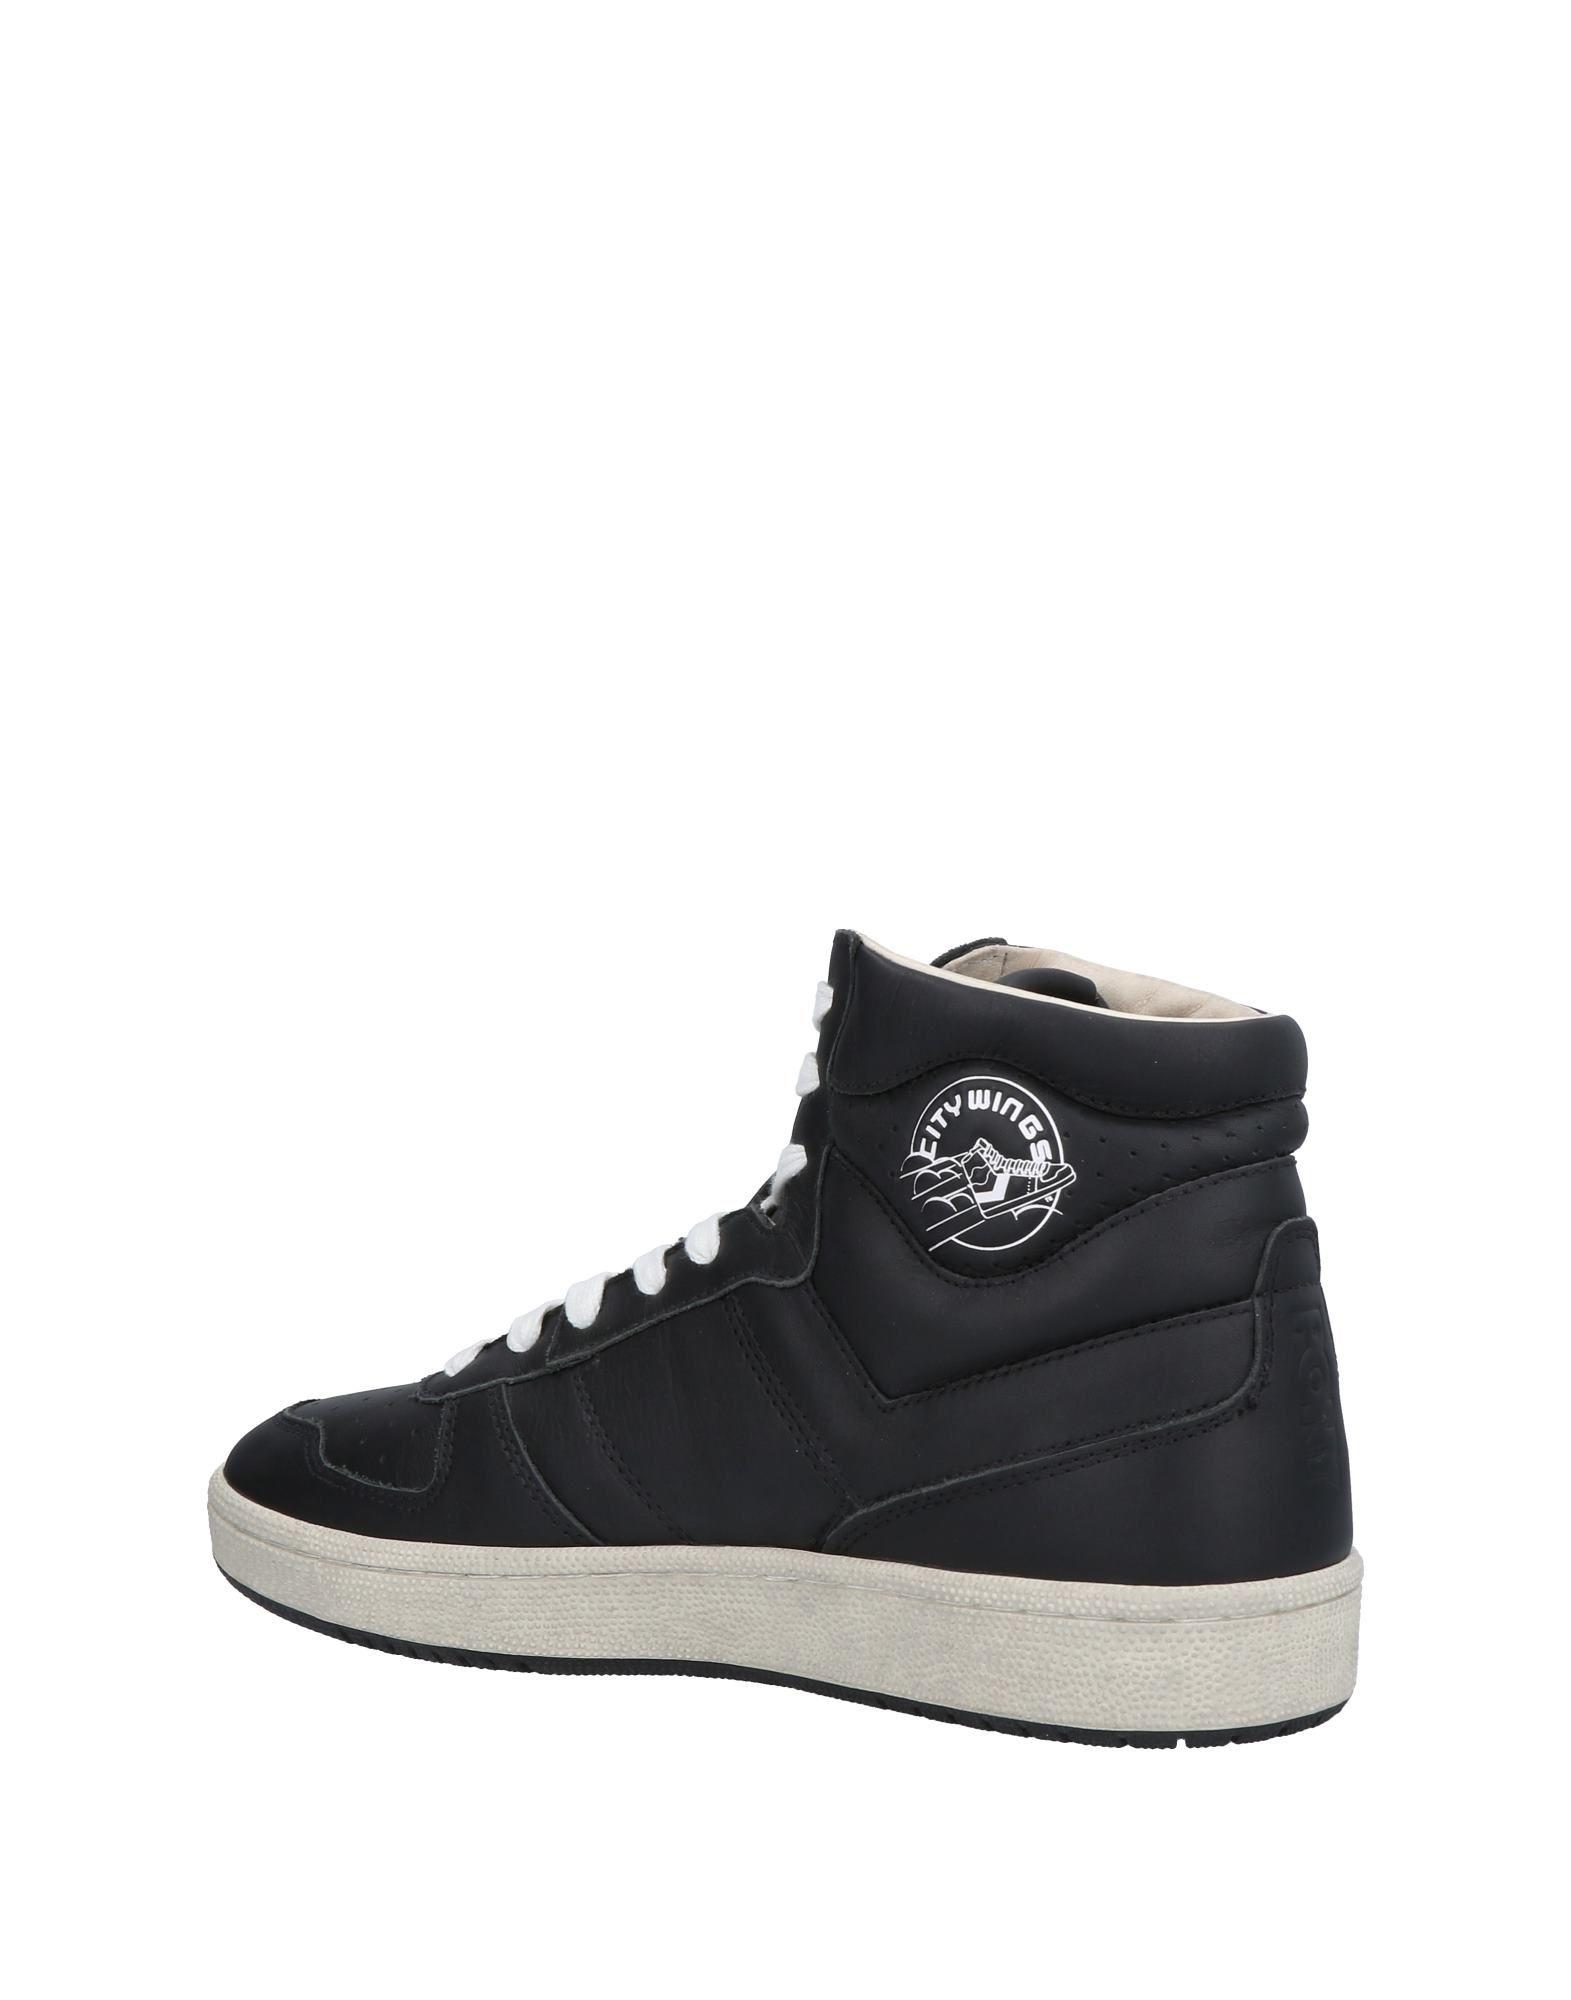 Rabatt Herren echte Schuhe Pony Sneakers Herren Rabatt  11342614IG 887681